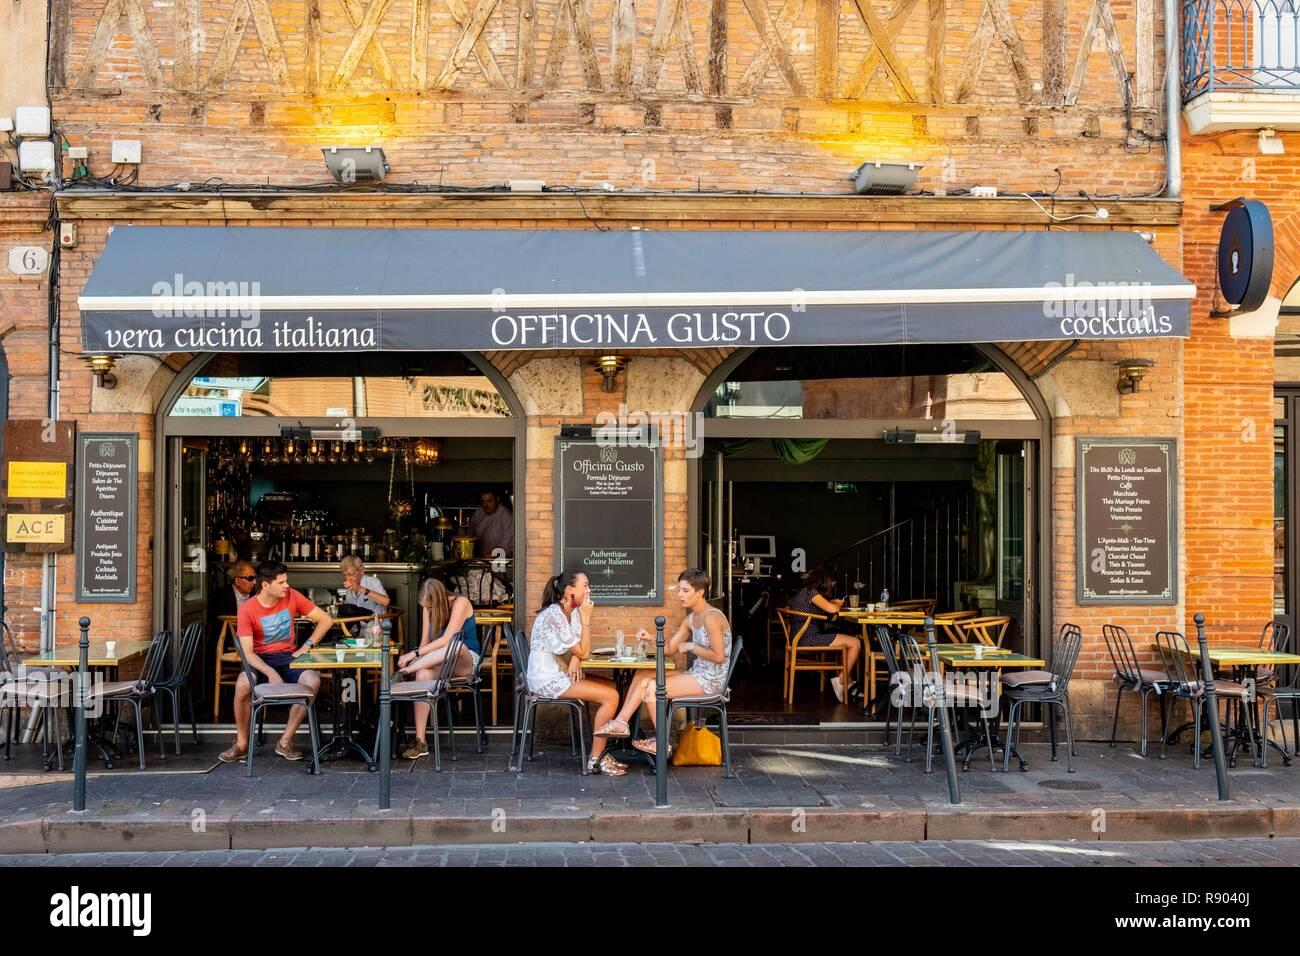 France, Haute Garonne, Toulouse, Italian restaurant Officina Gusto - Stock Image